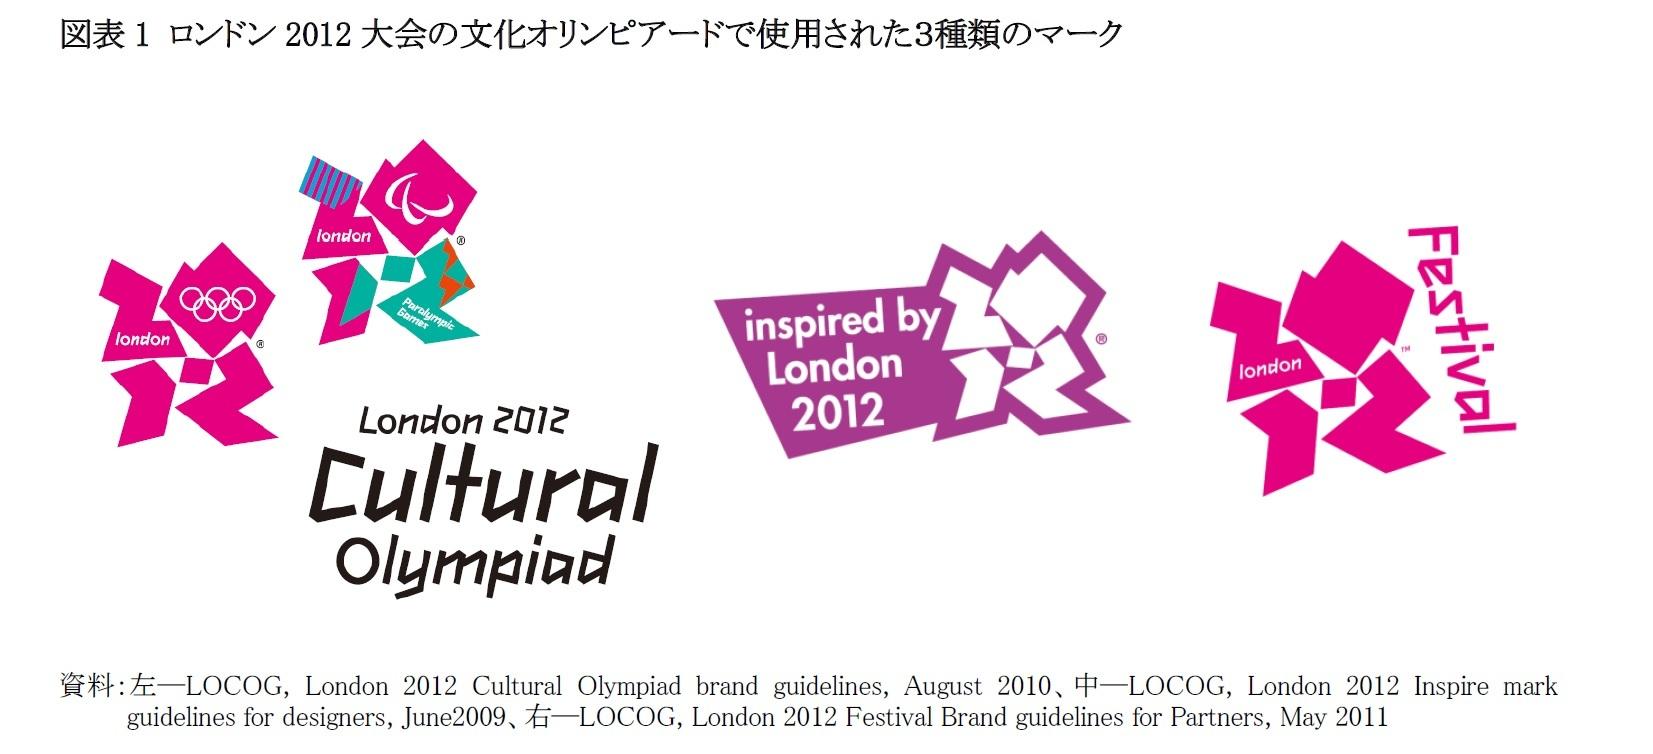 図表1 ロンドン2012大会の文化オリンピアードで使用された3種類のマーク